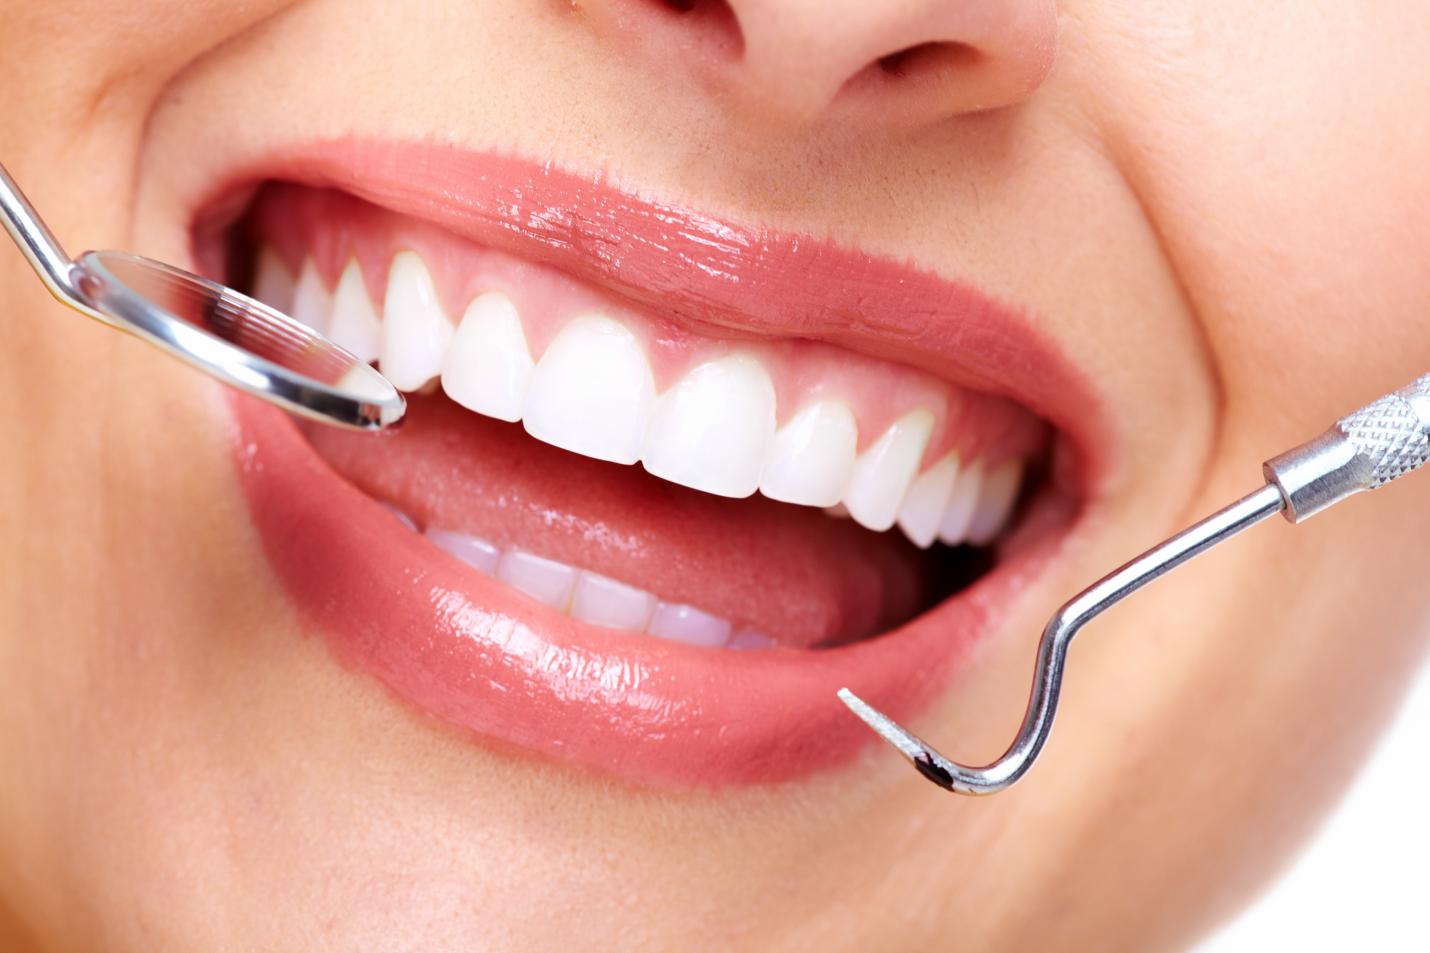 Teeth Smile PNG HD - 148058